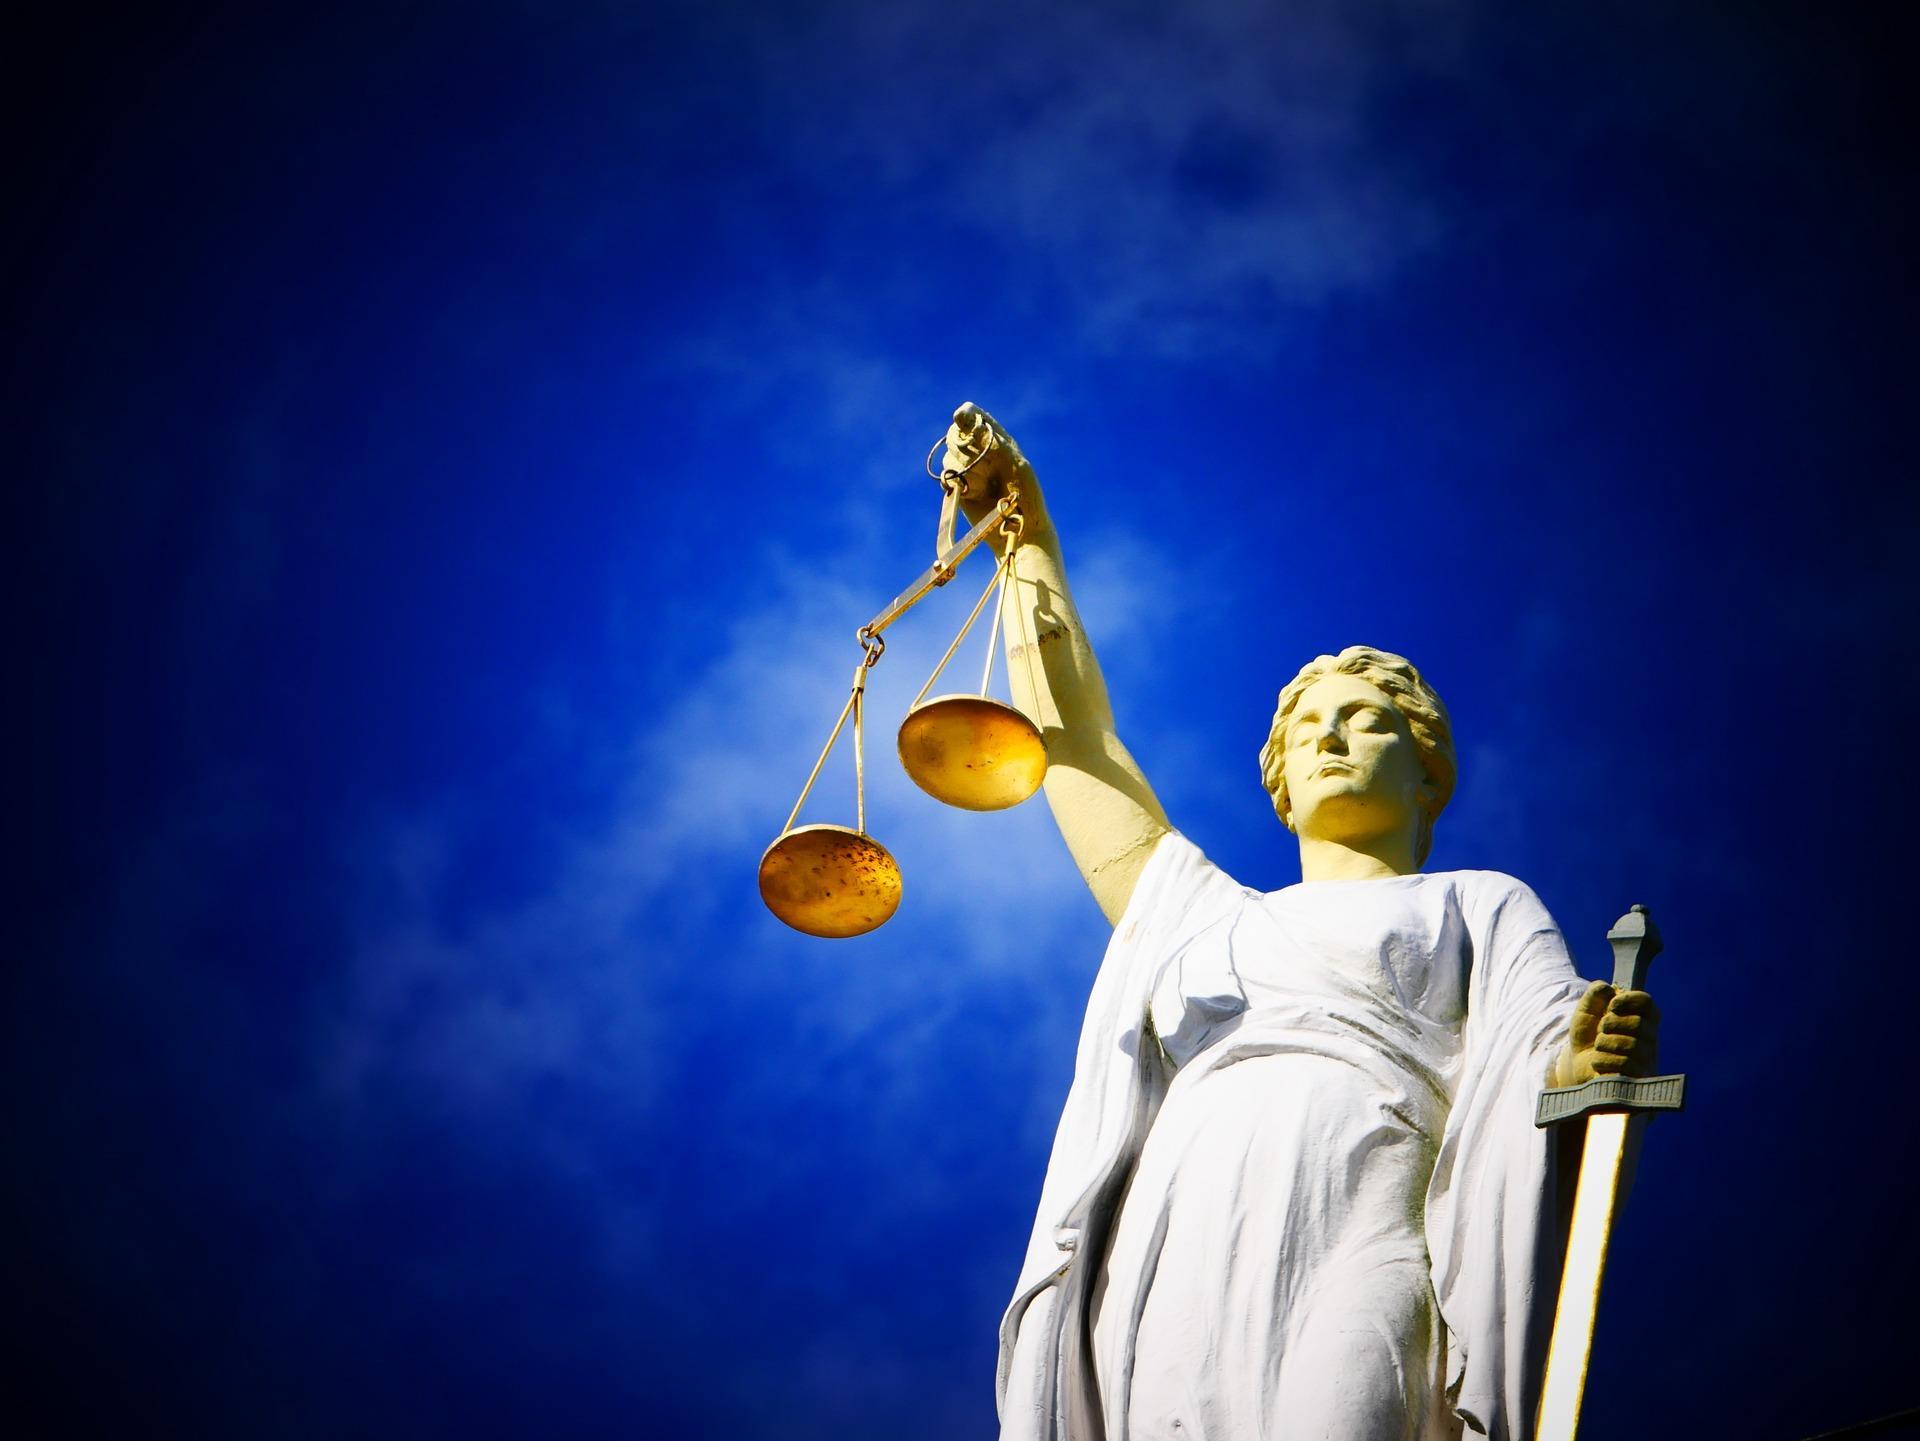 Leidse wasserijbaas voor de rechter wegens uitbuiting: 'Het OM heeft mijn bedrijf kapot gemaakt'